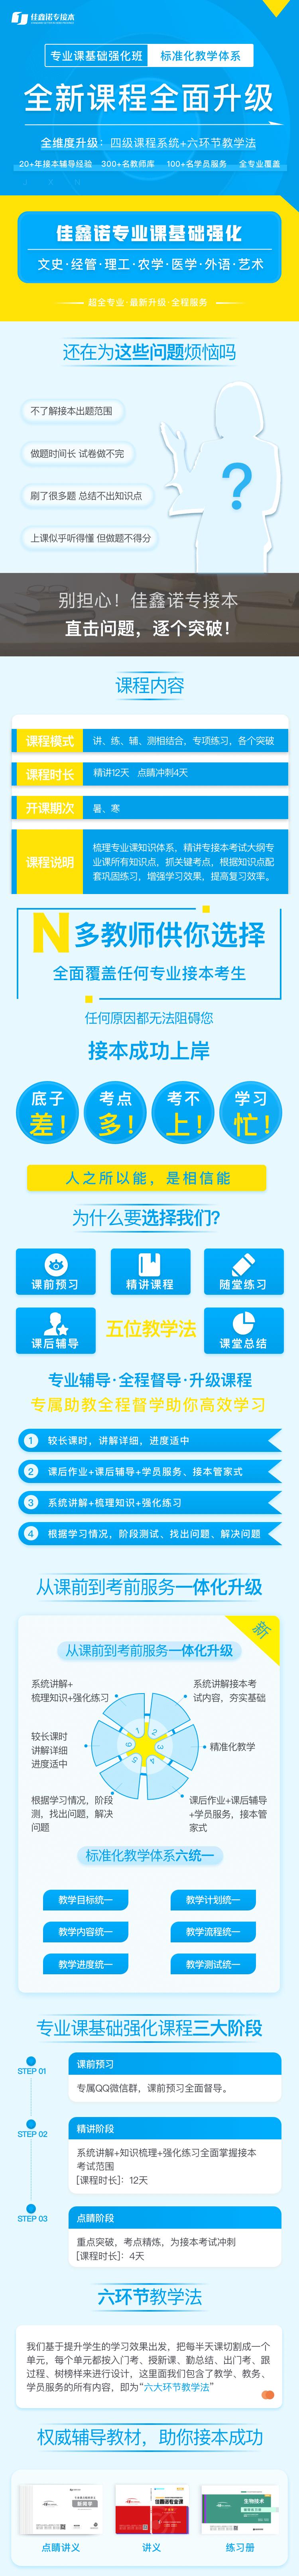 专业课基础强化班详情图.png